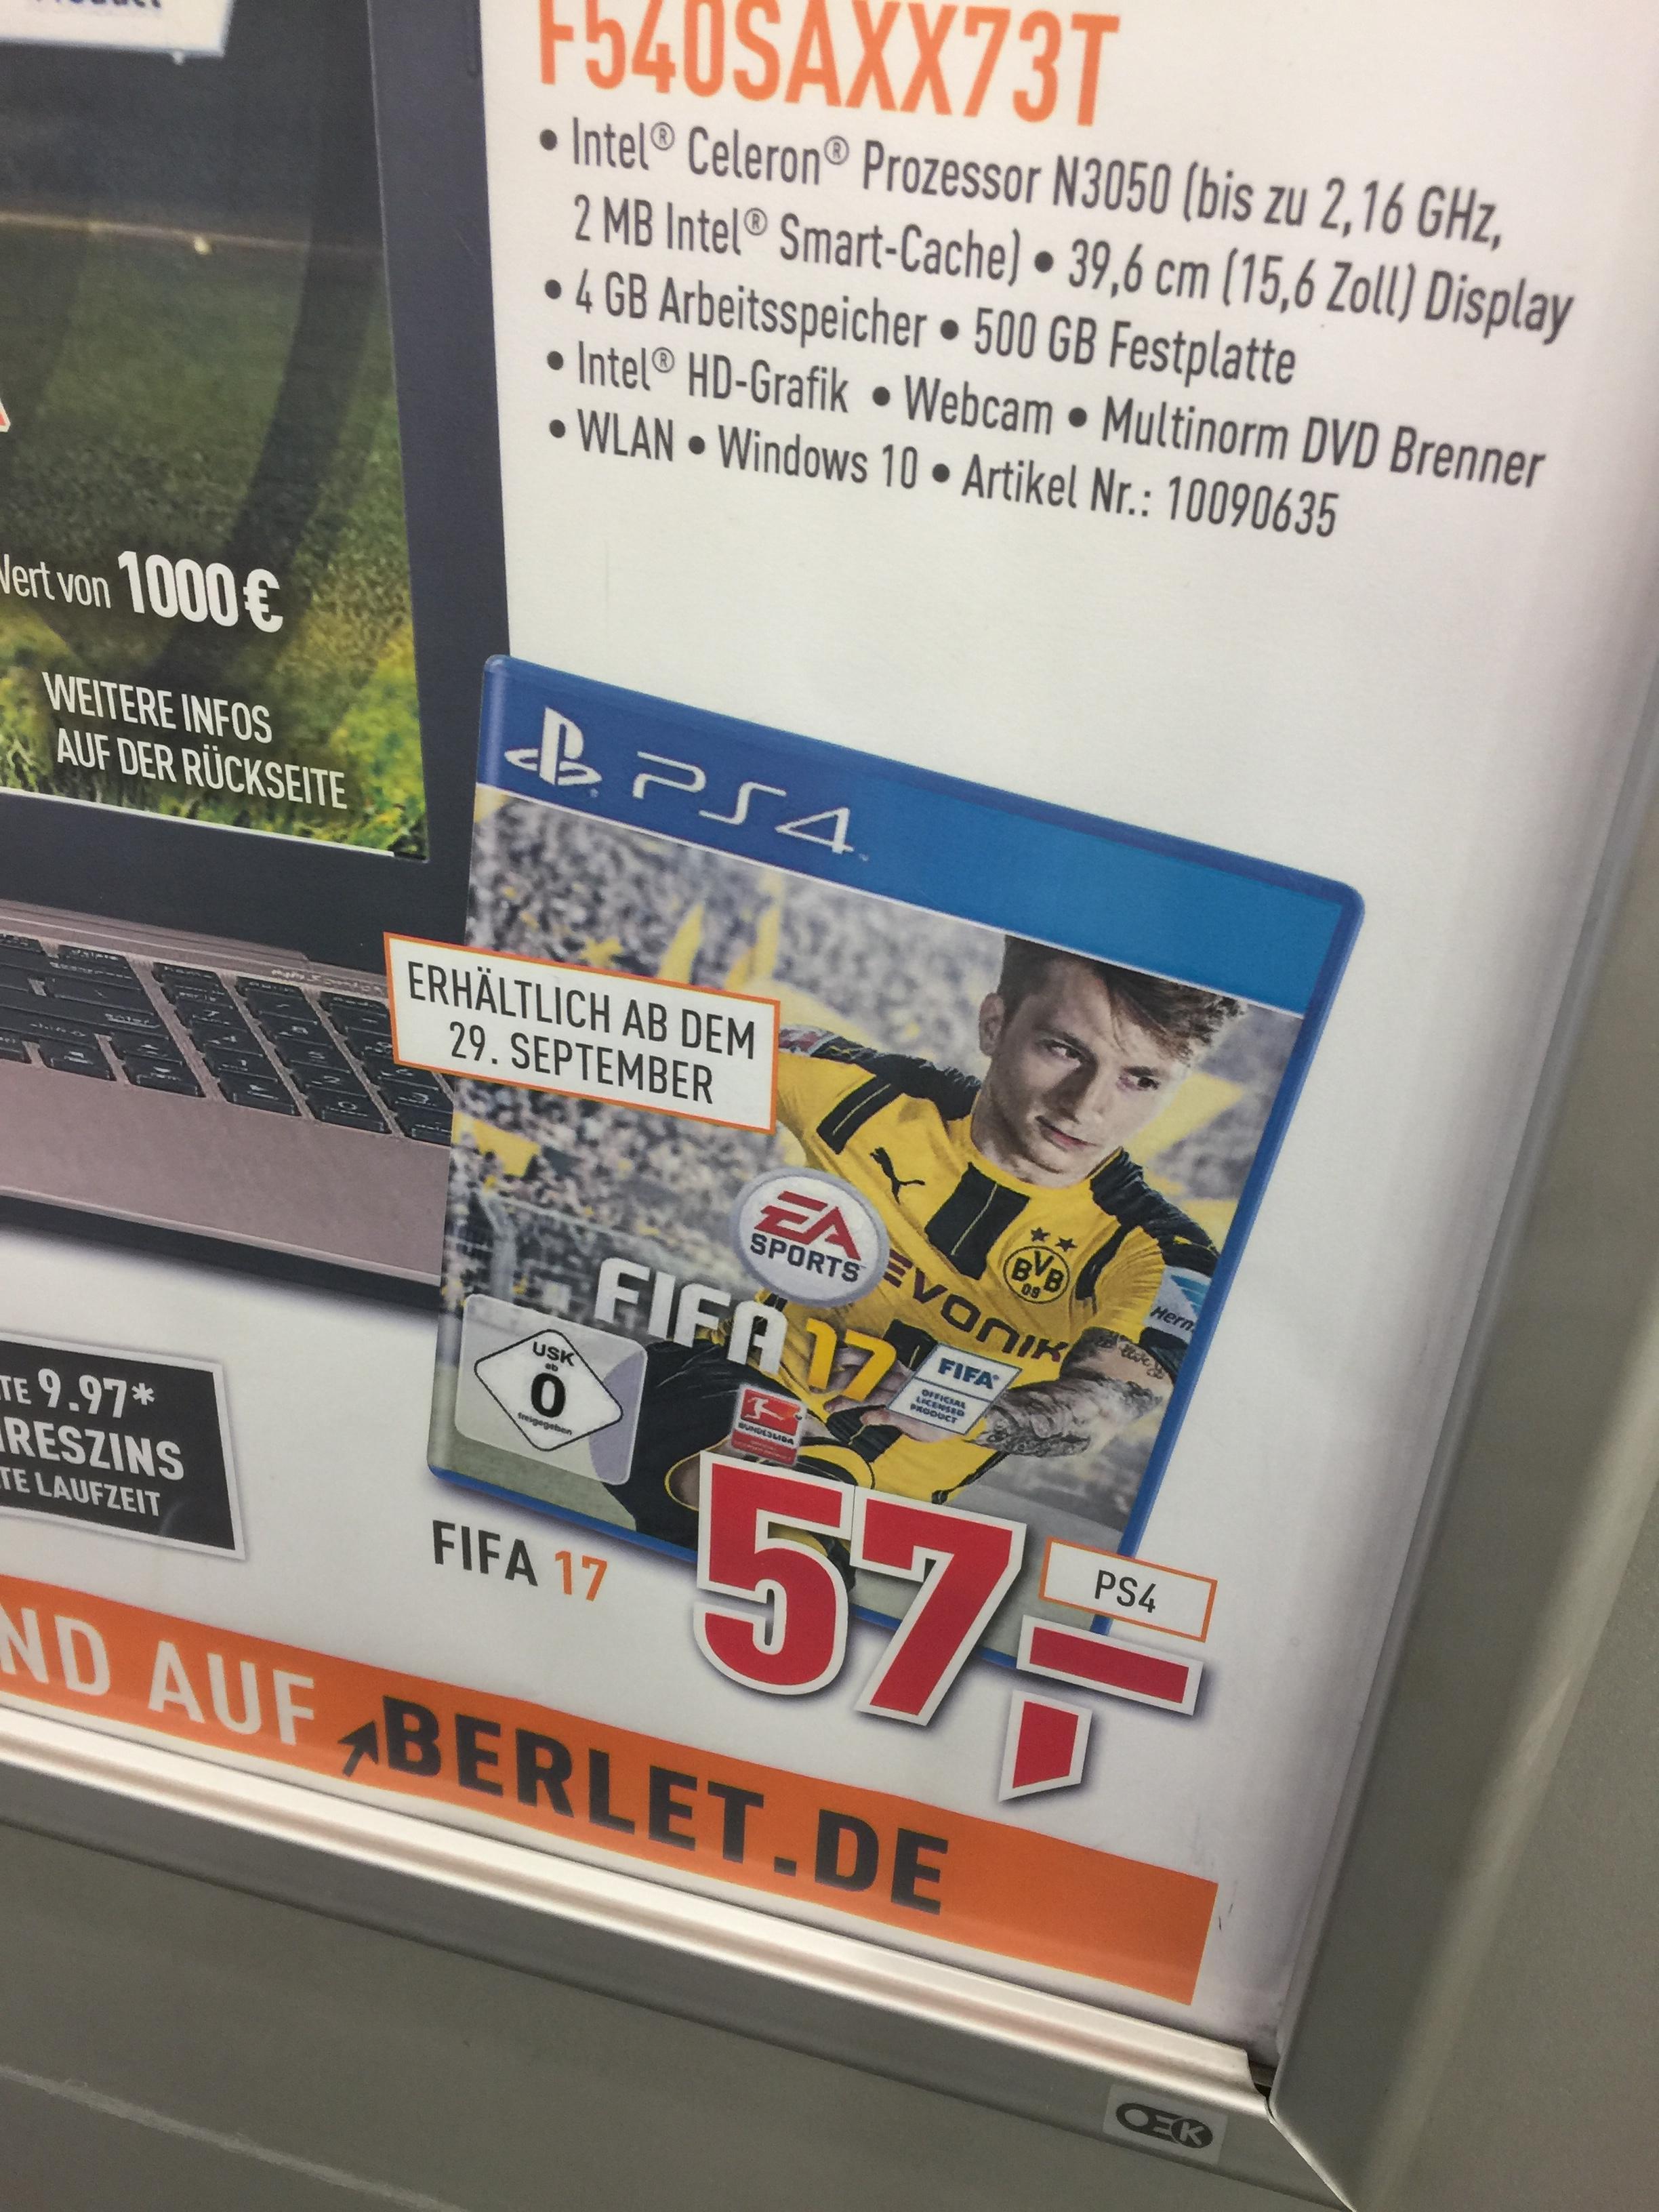 FIFA 17 für 57€ bei Berlet